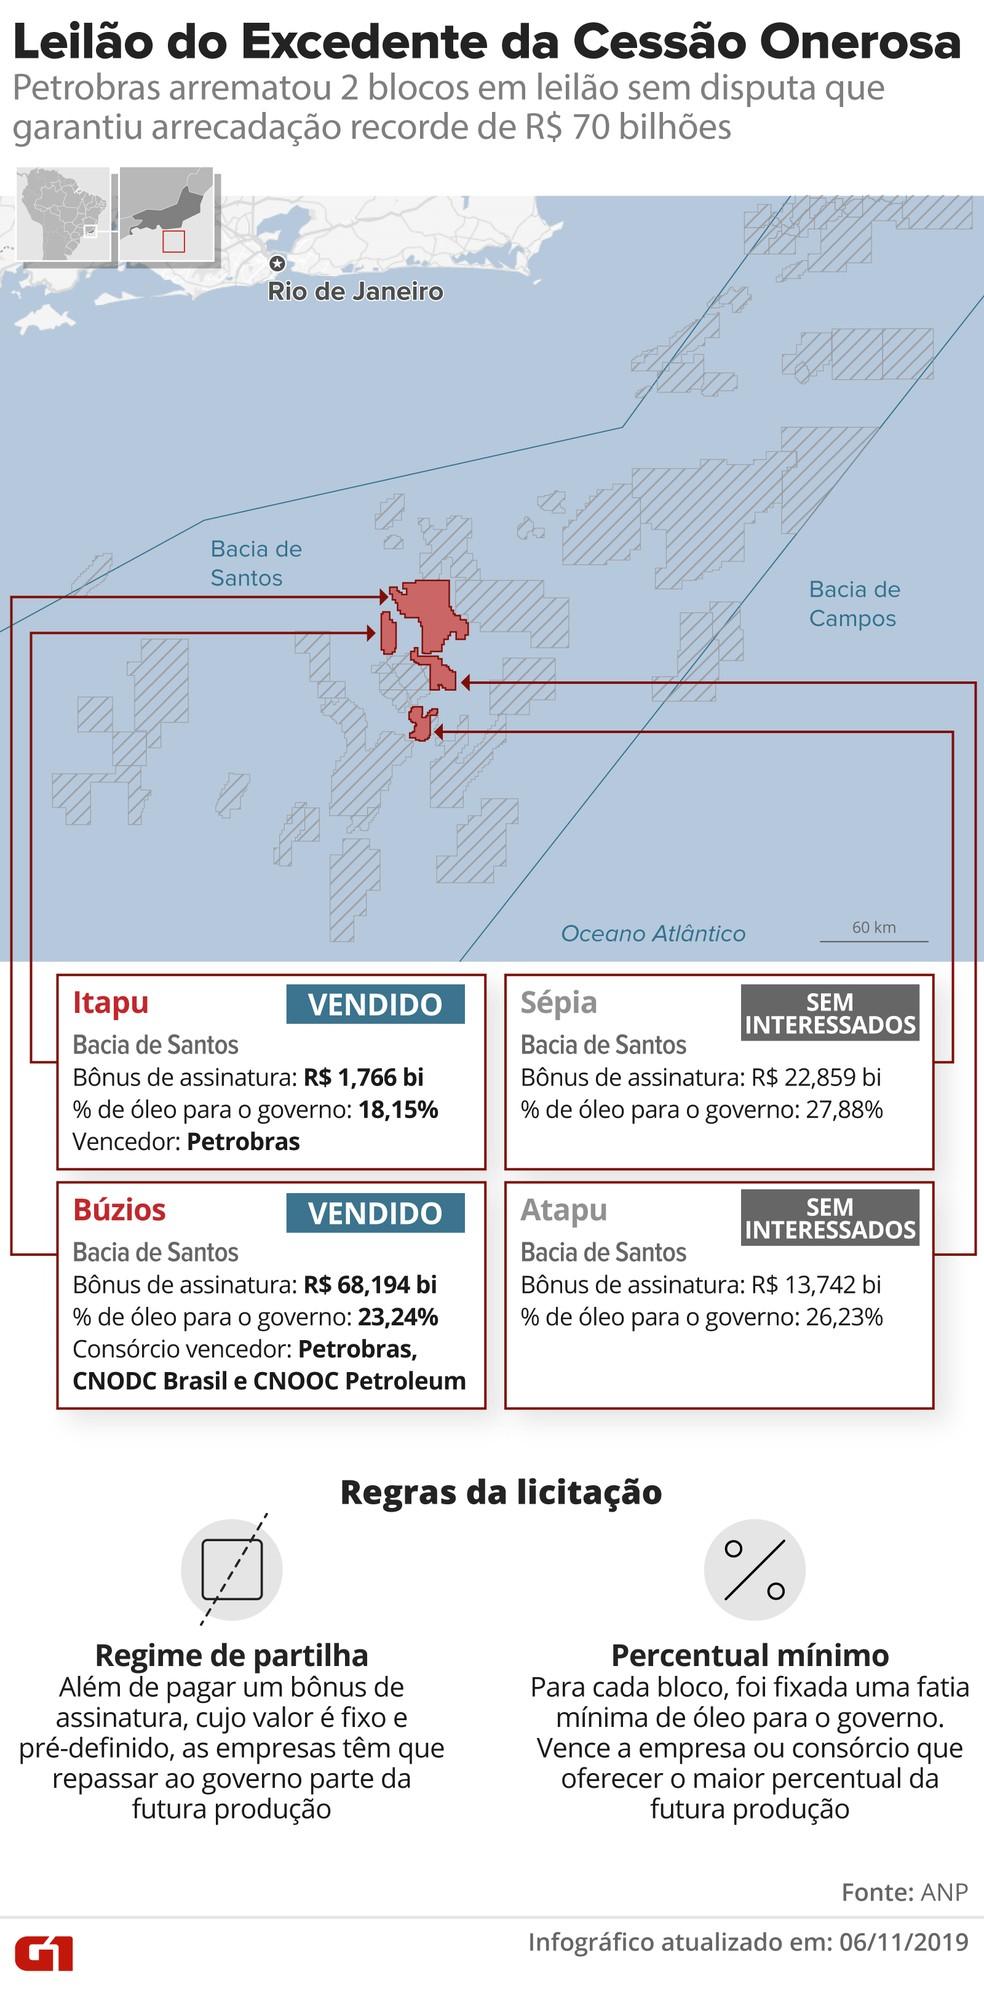 Resultado do megaleilão da cessão onerosa — Foto: Infografia G1